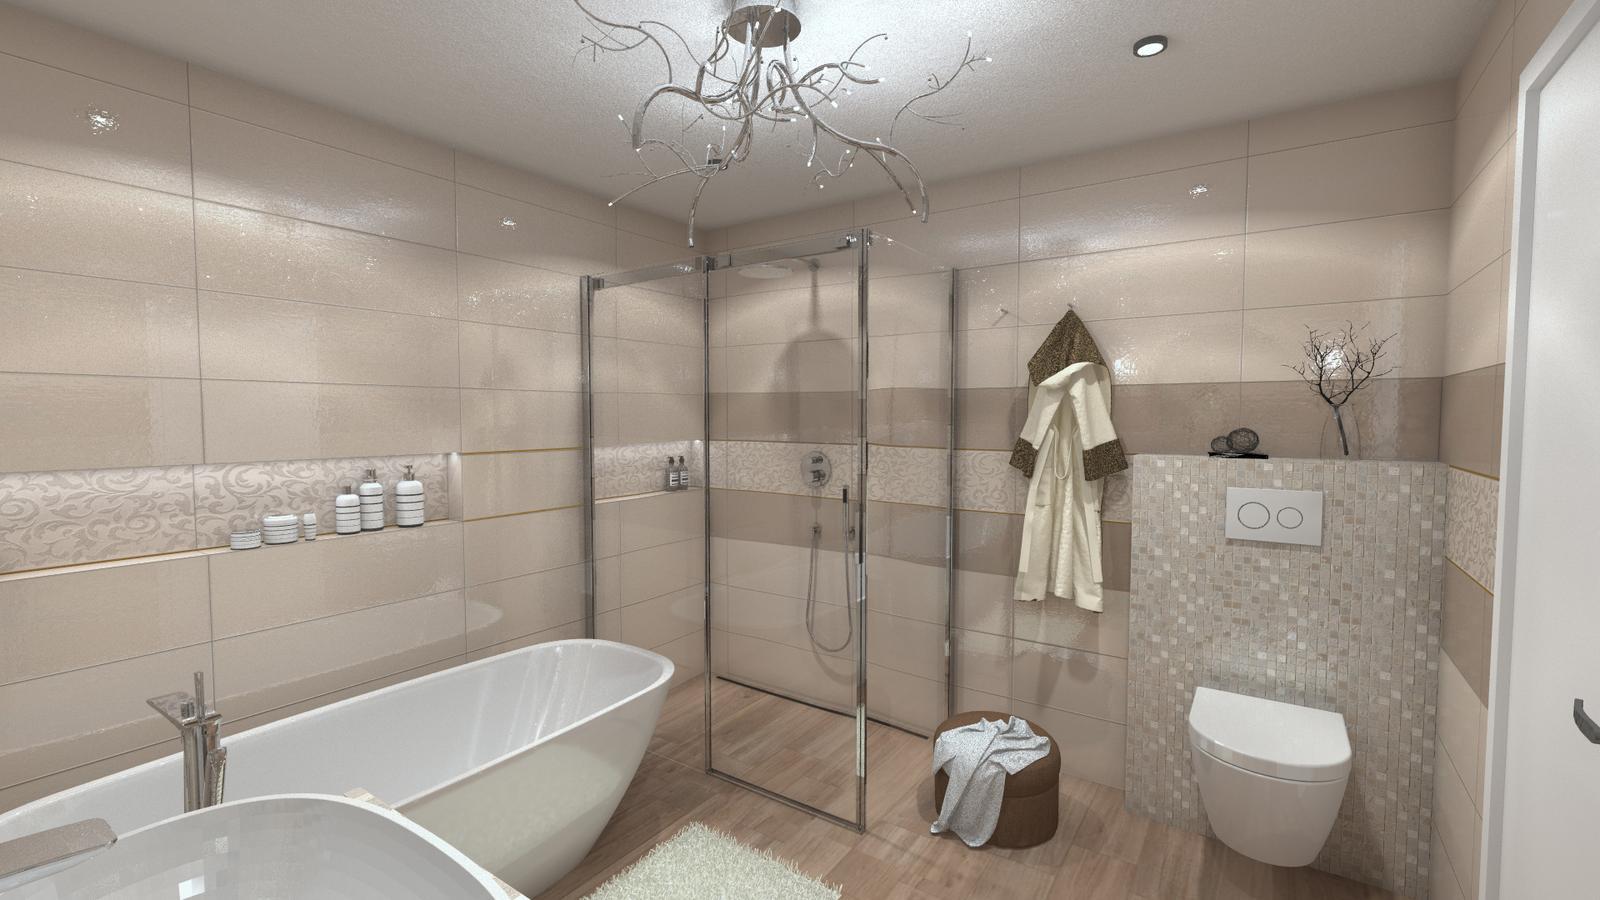 Vizualizácie kúpeľní - Obklady v prírodných farbách s nádychom luxusu. Vizualizácia kúpeľne.